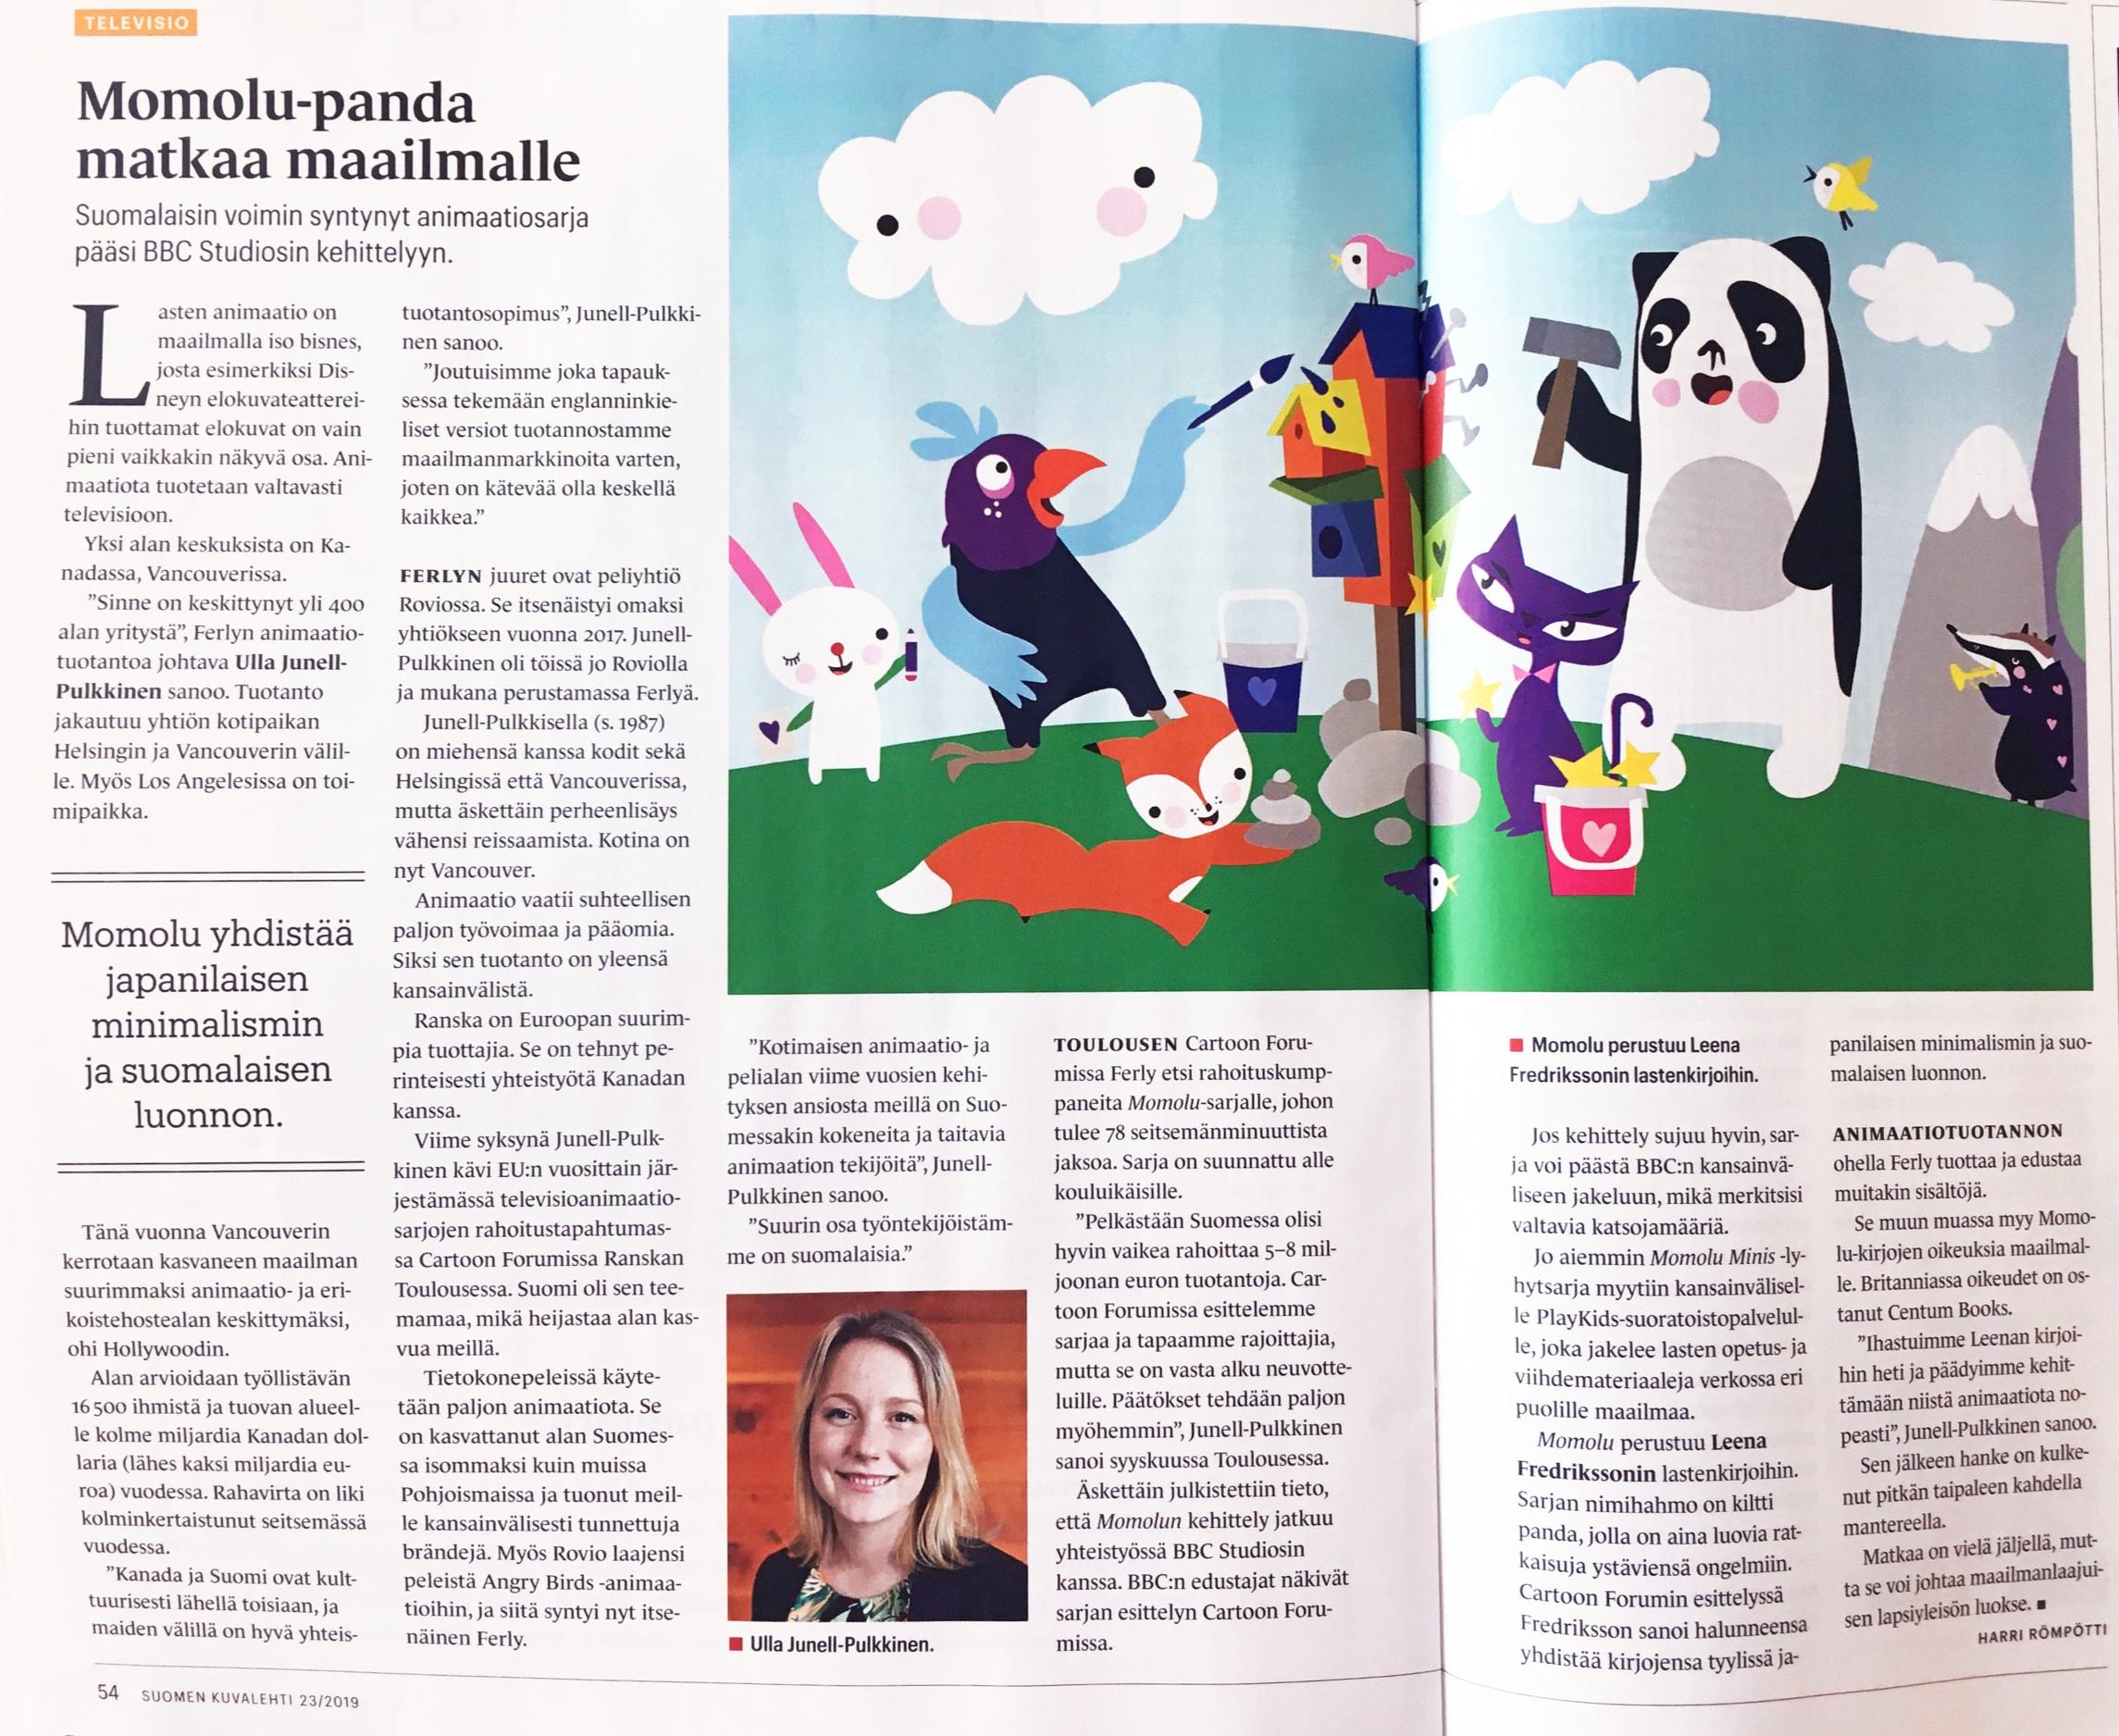 MOMOLU & LEENA FREDRIKSSON & Ferly Suomen Kuvalehti, text: Harri Römpötti, 23/201